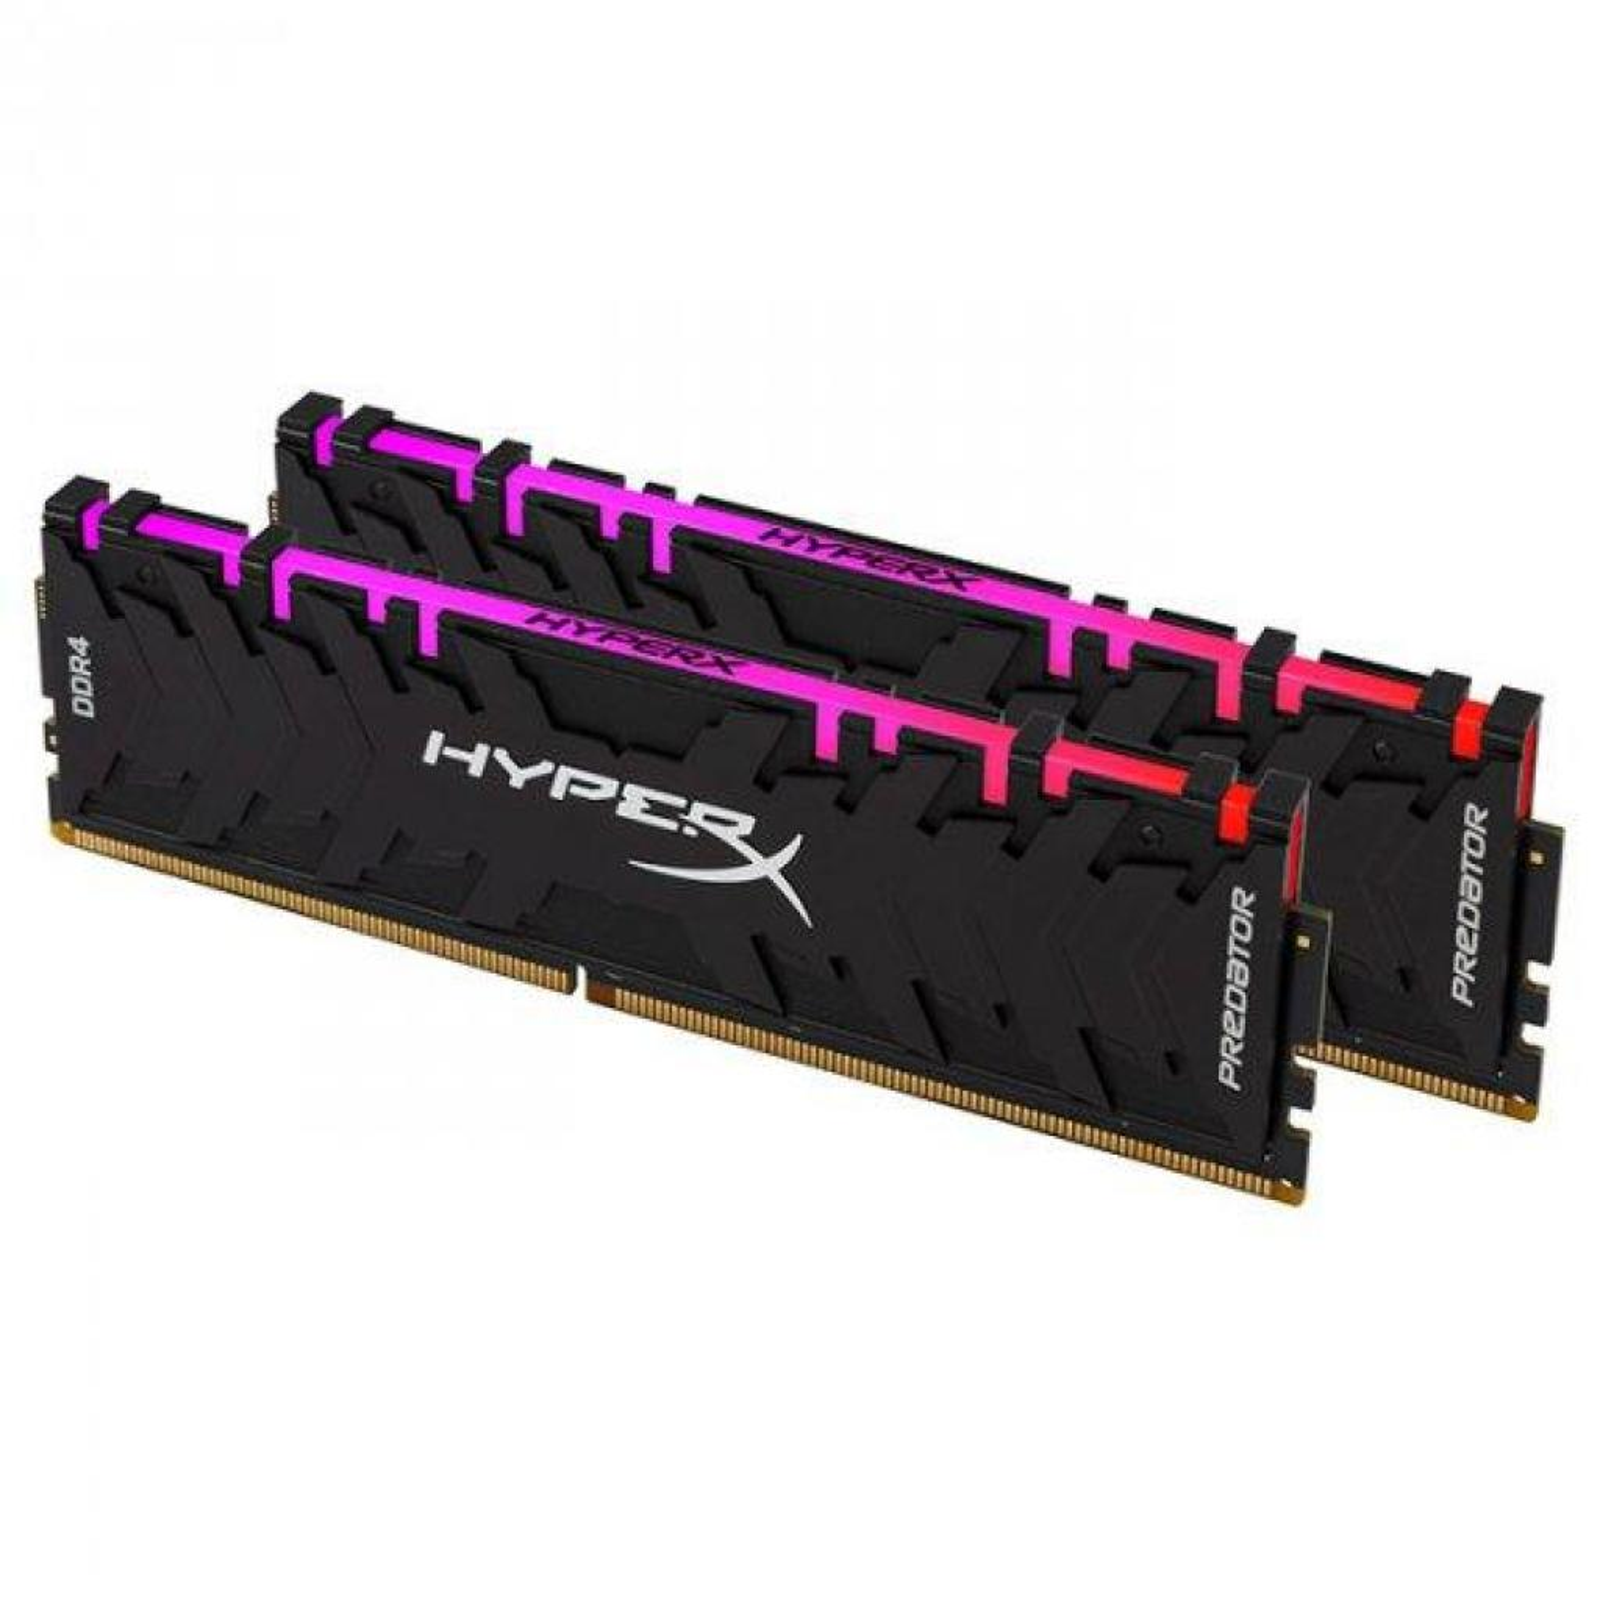 Модуль памяти для компьютера DDR4 16GB (2x8GB) 3000 MHz HyperX Predator Kingston (HX430C15PB3AK2/16) изображение 2